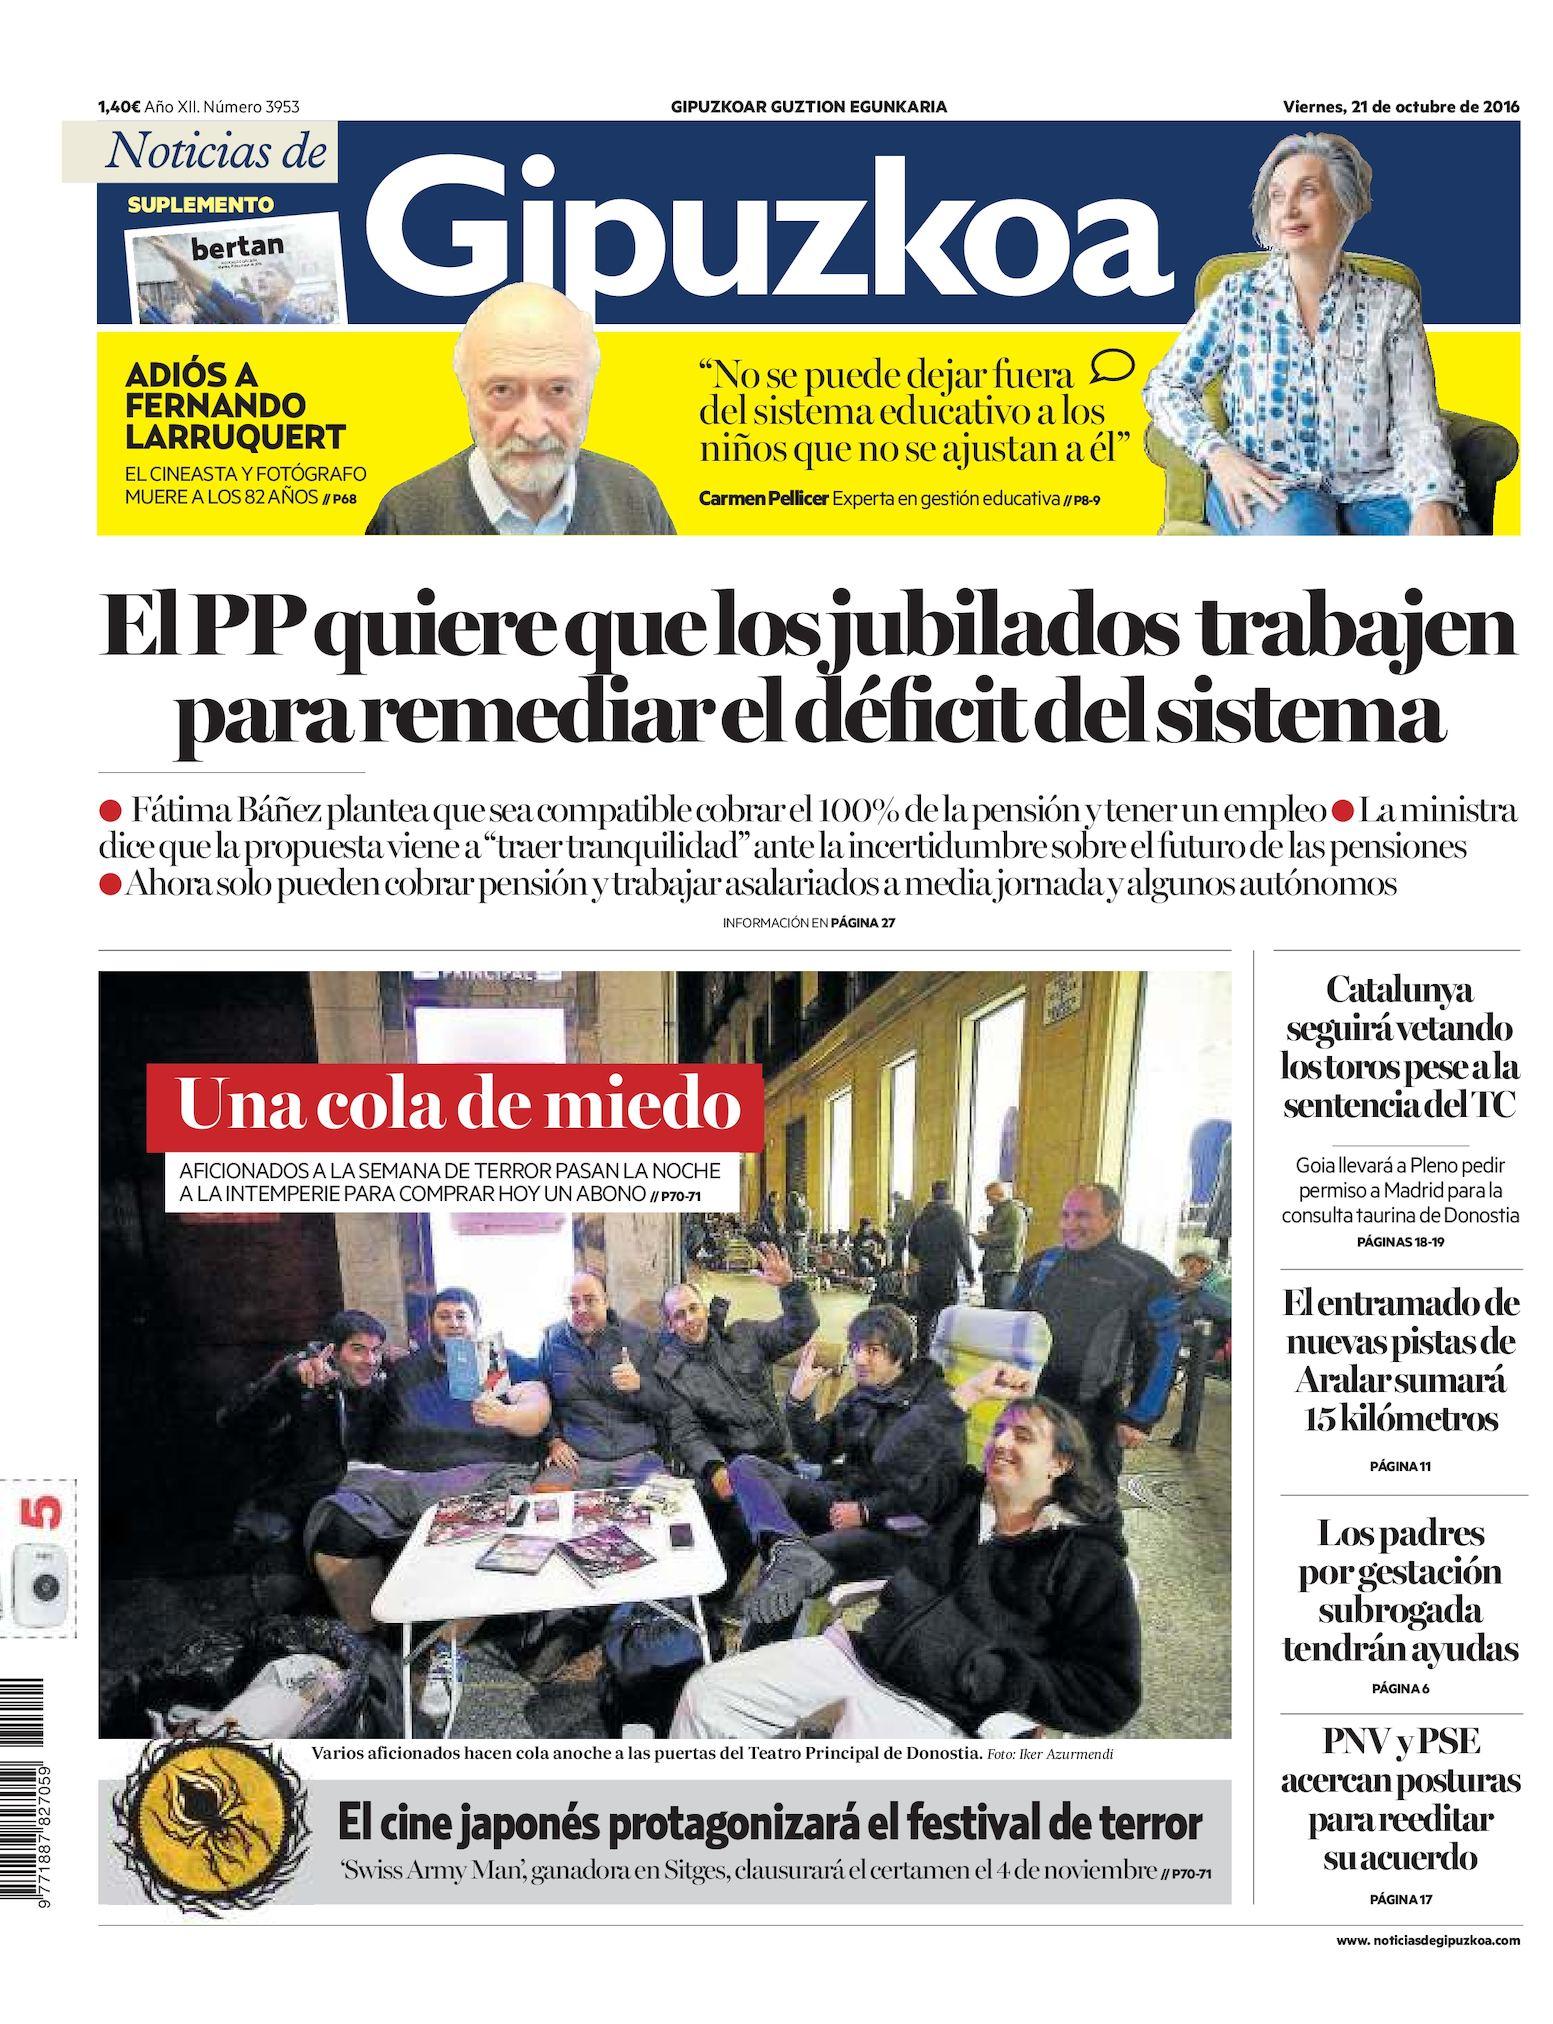 fdbbddfaeb Calaméo - Noticias de Gipuzkoa 20161021